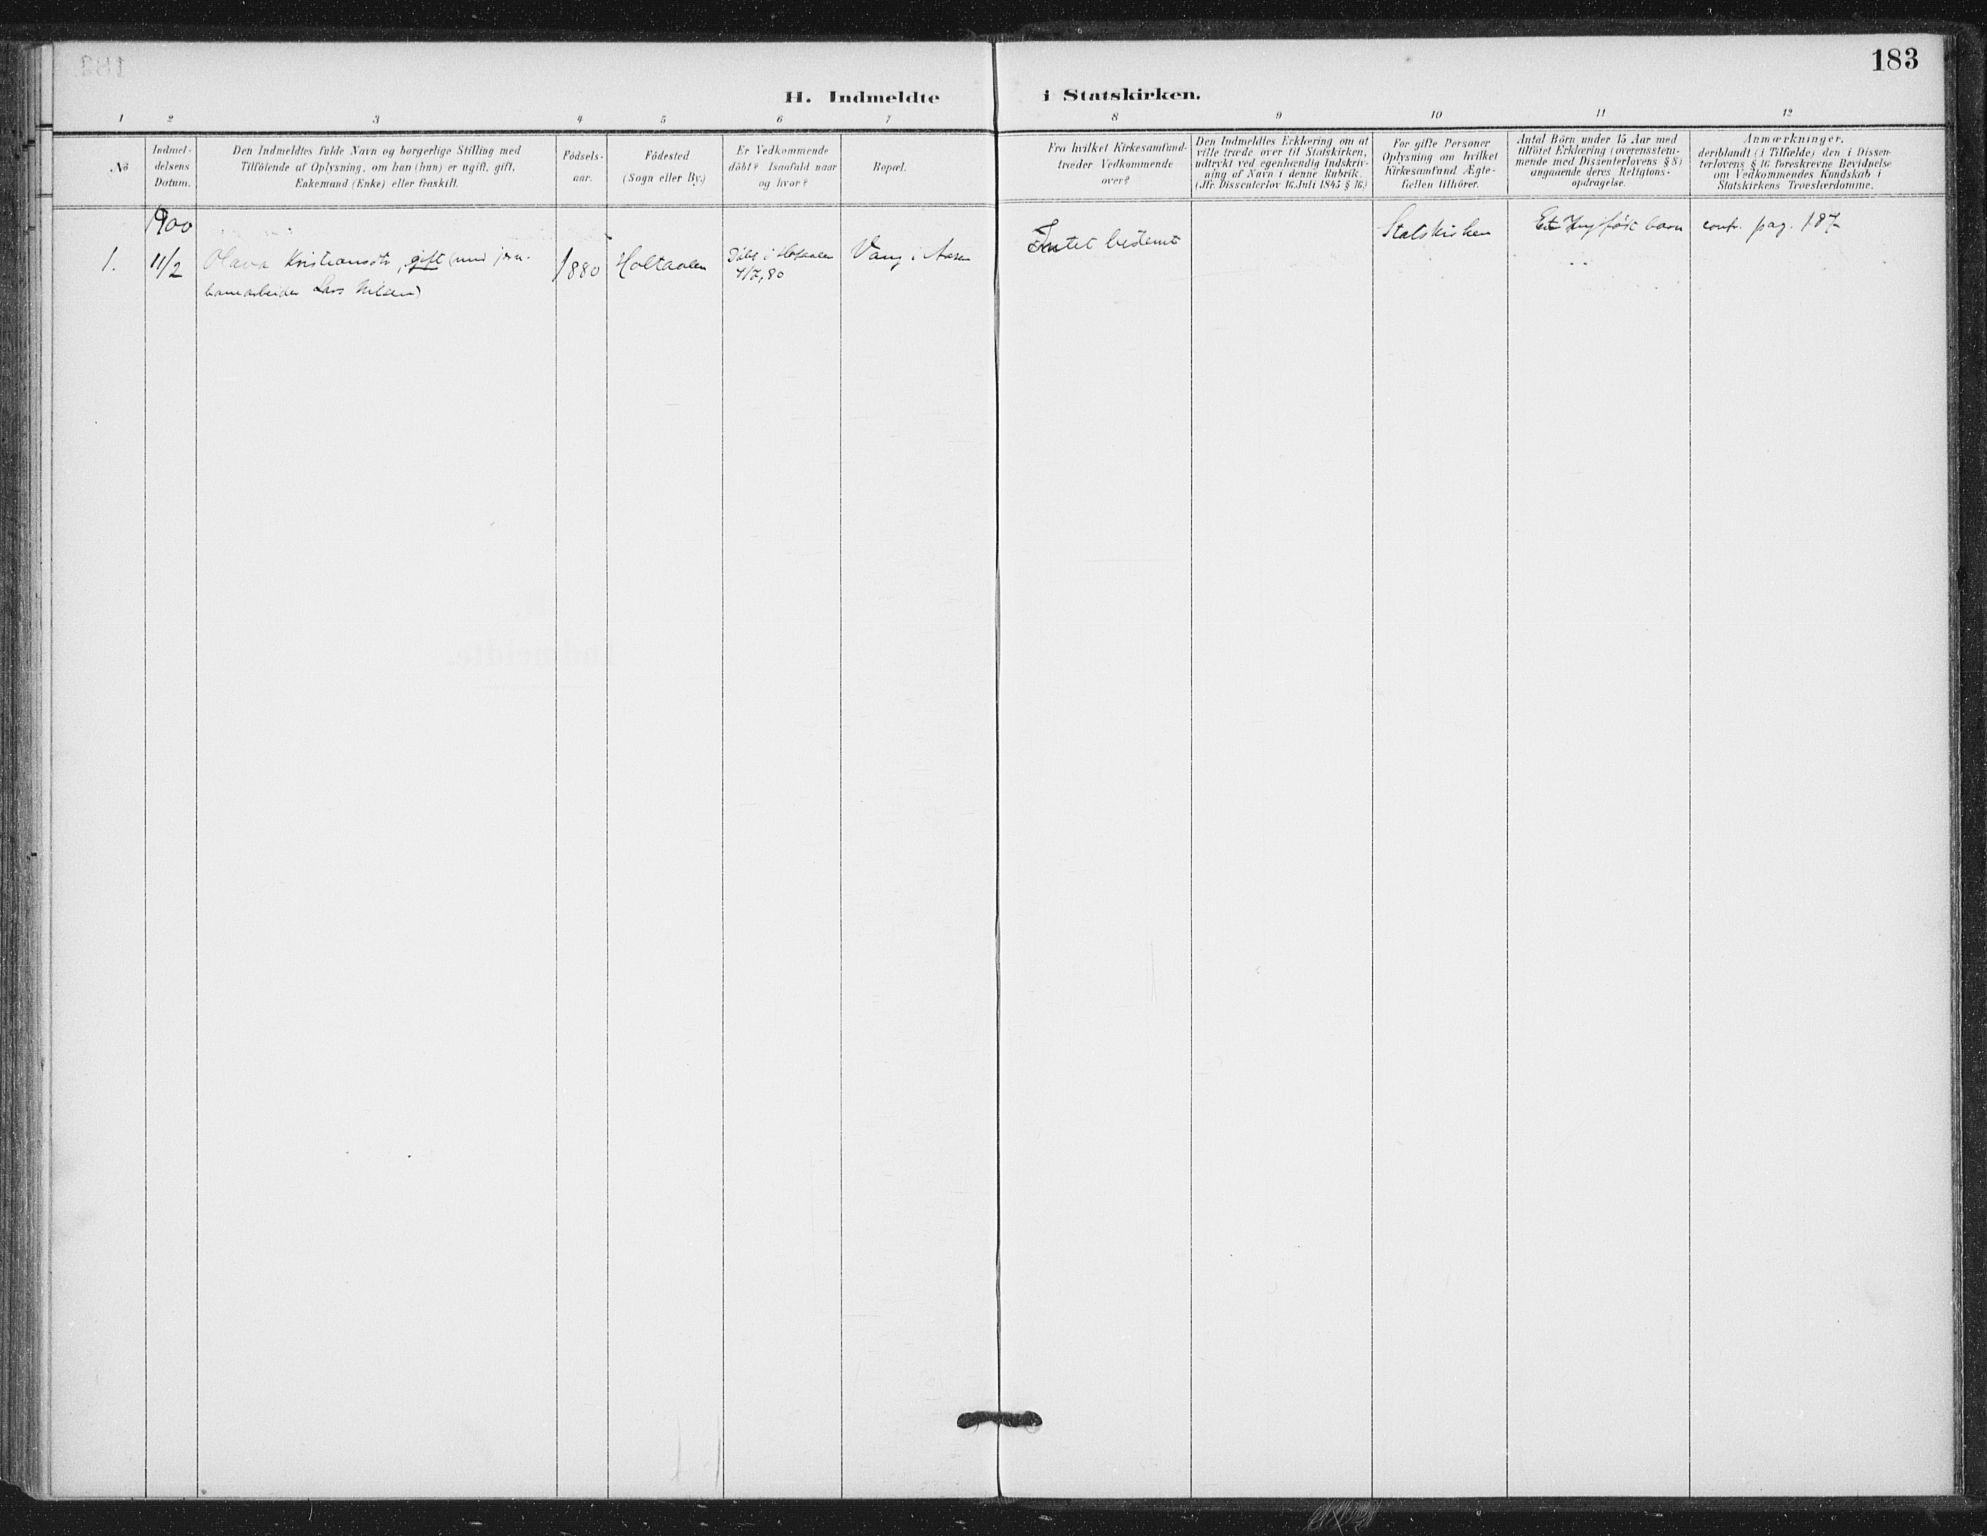 SAT, Ministerialprotokoller, klokkerbøker og fødselsregistre - Nord-Trøndelag, 714/L0131: Ministerialbok nr. 714A02, 1896-1918, s. 183